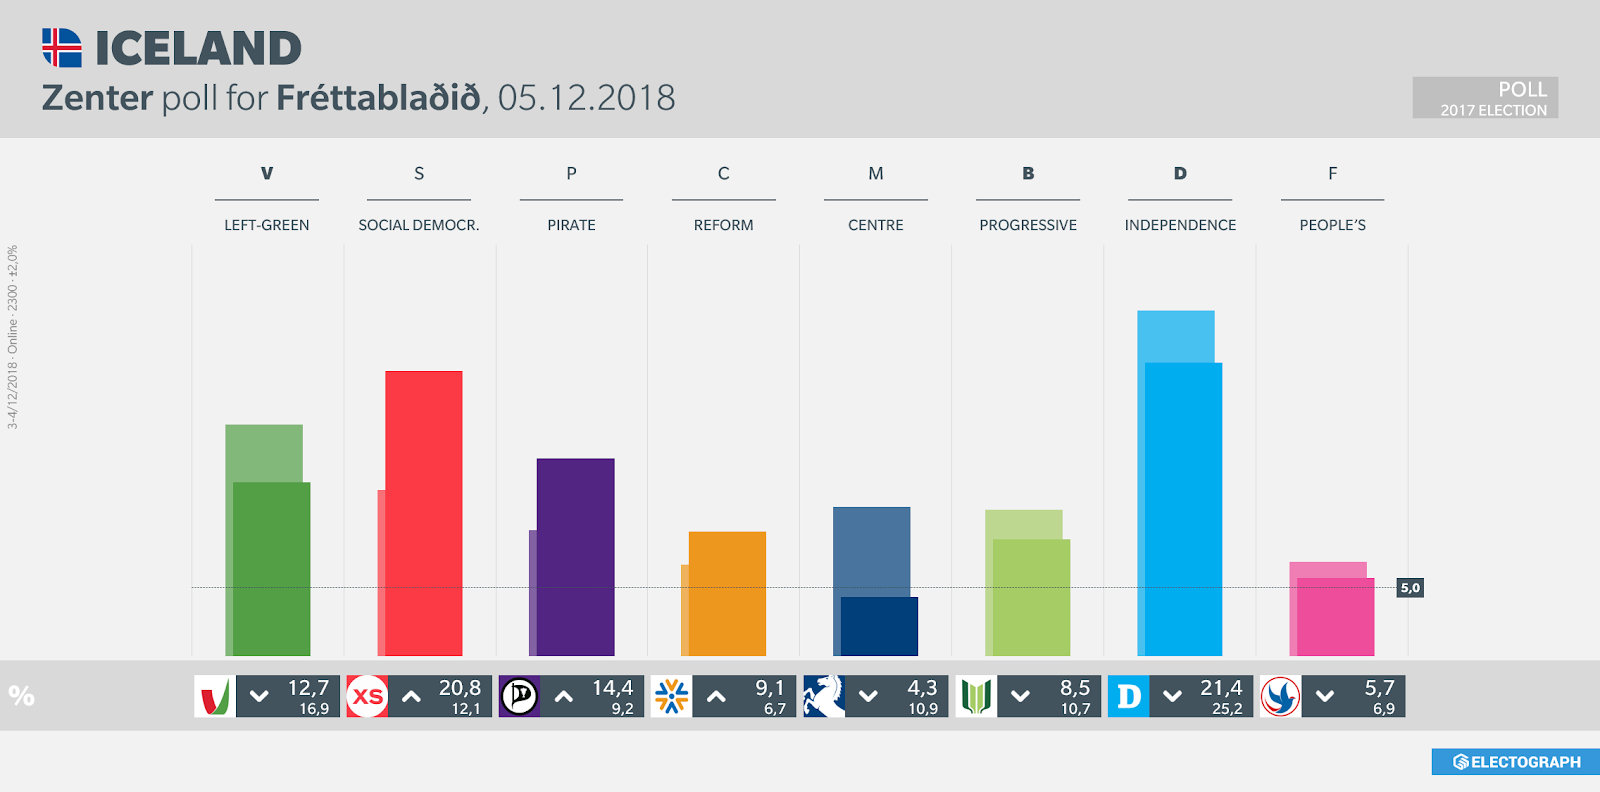 ICELAND: Zenter poll chart for Fréttablaðið, 5 December 2018